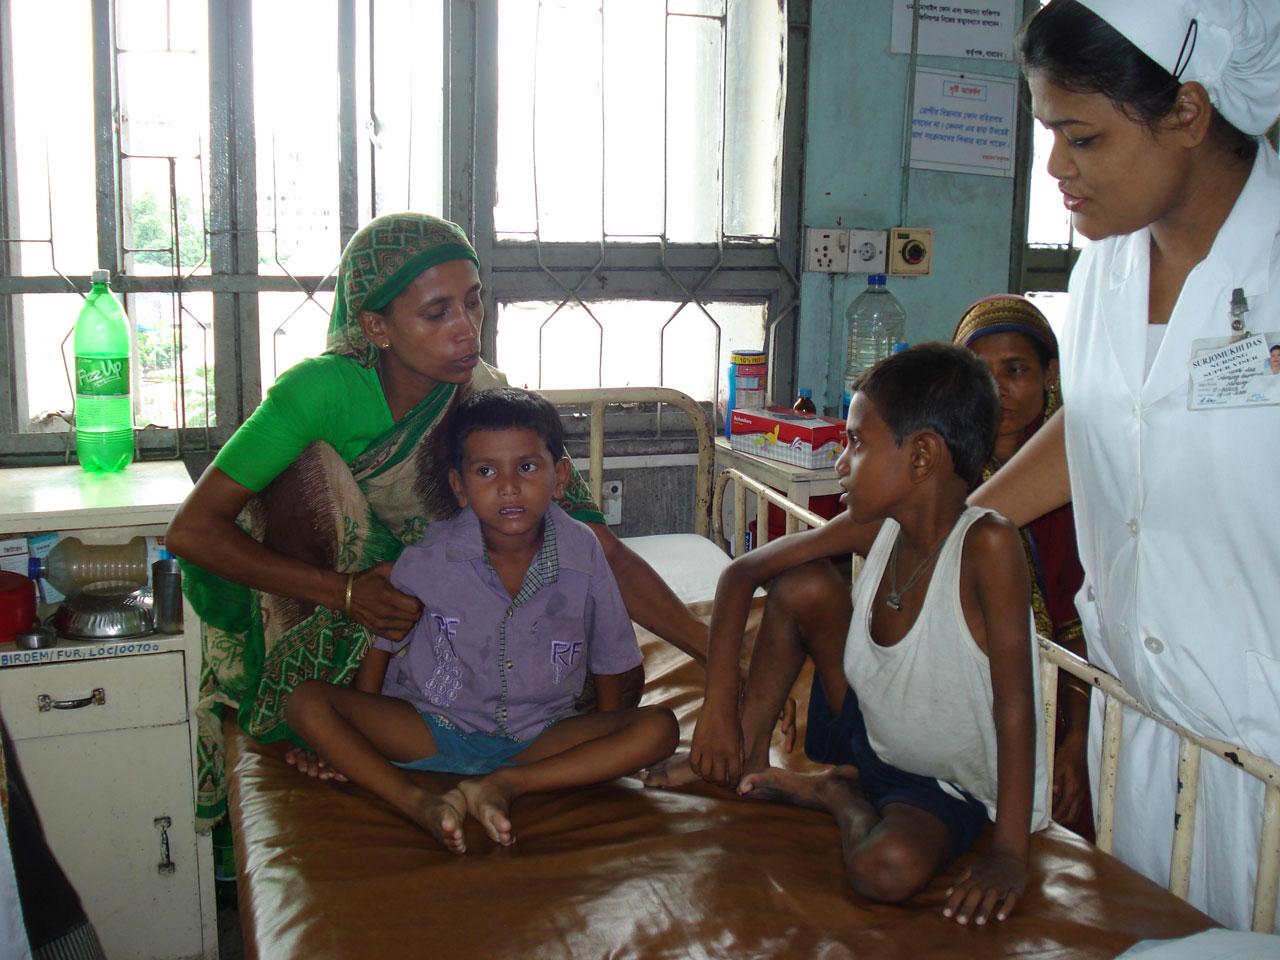 Novo forbedrer sit engagement i fattige lande